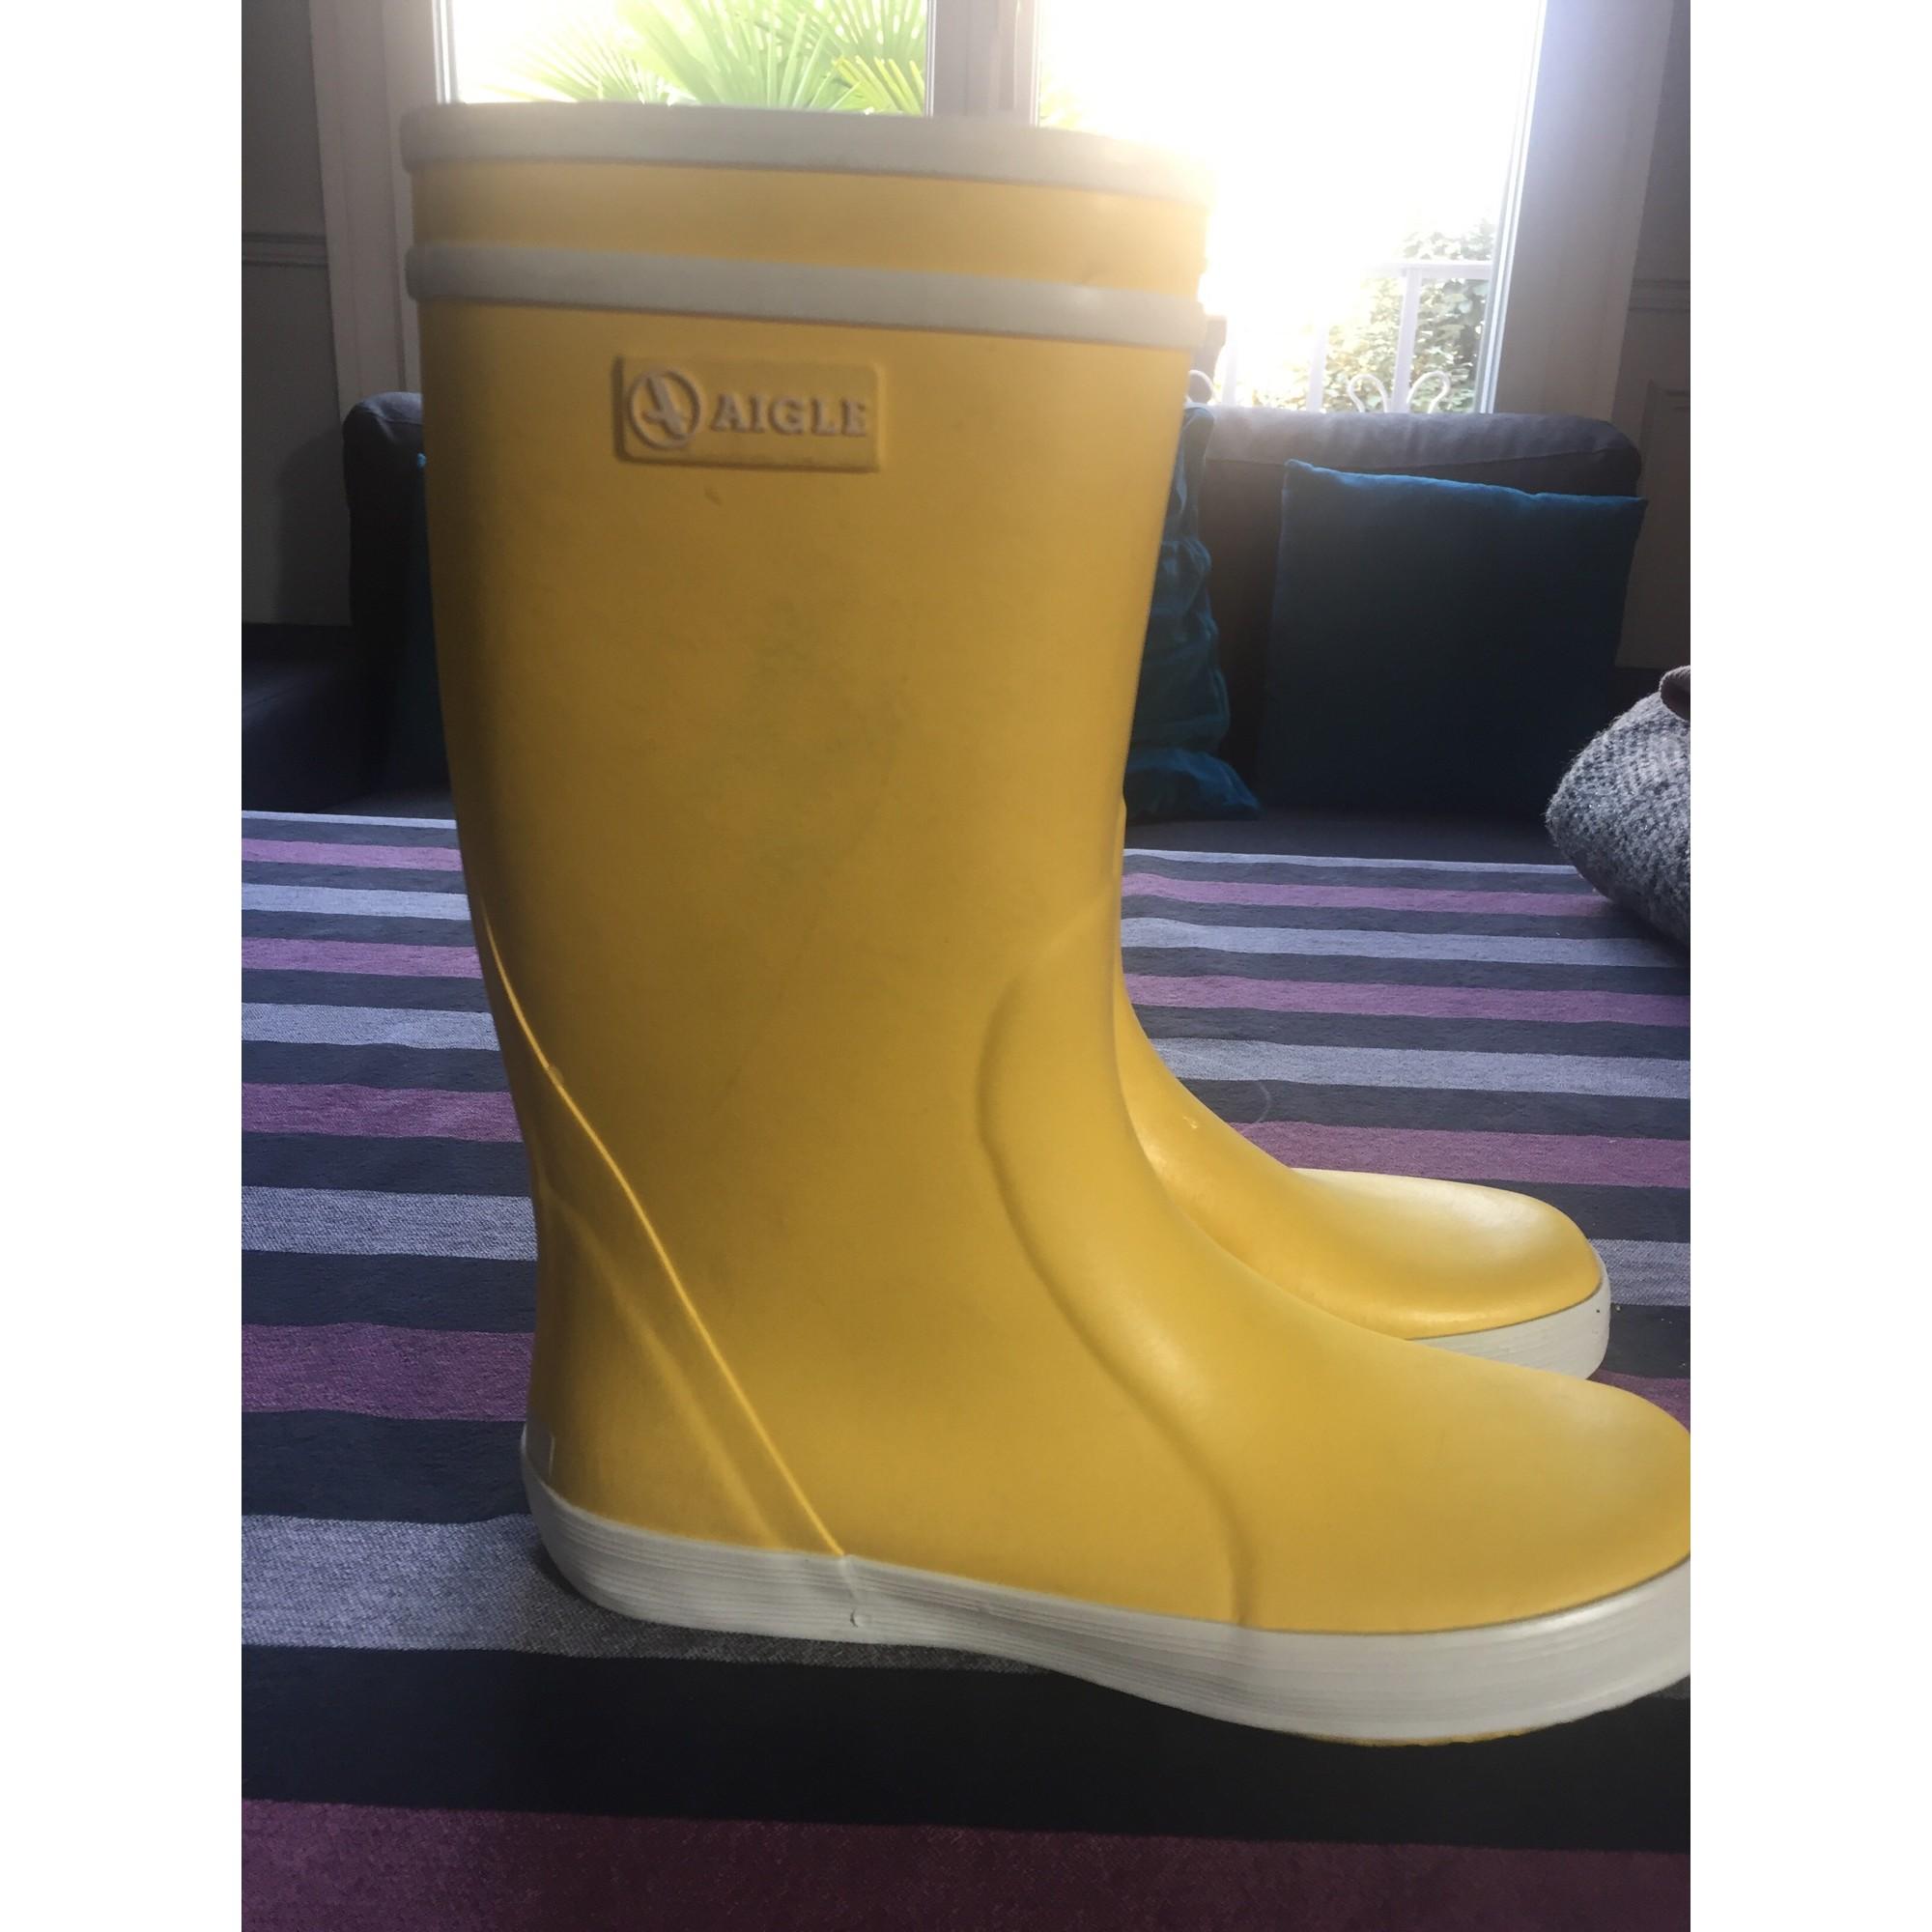 Bottes de pluie AIGLE caoutchouc jaune 34